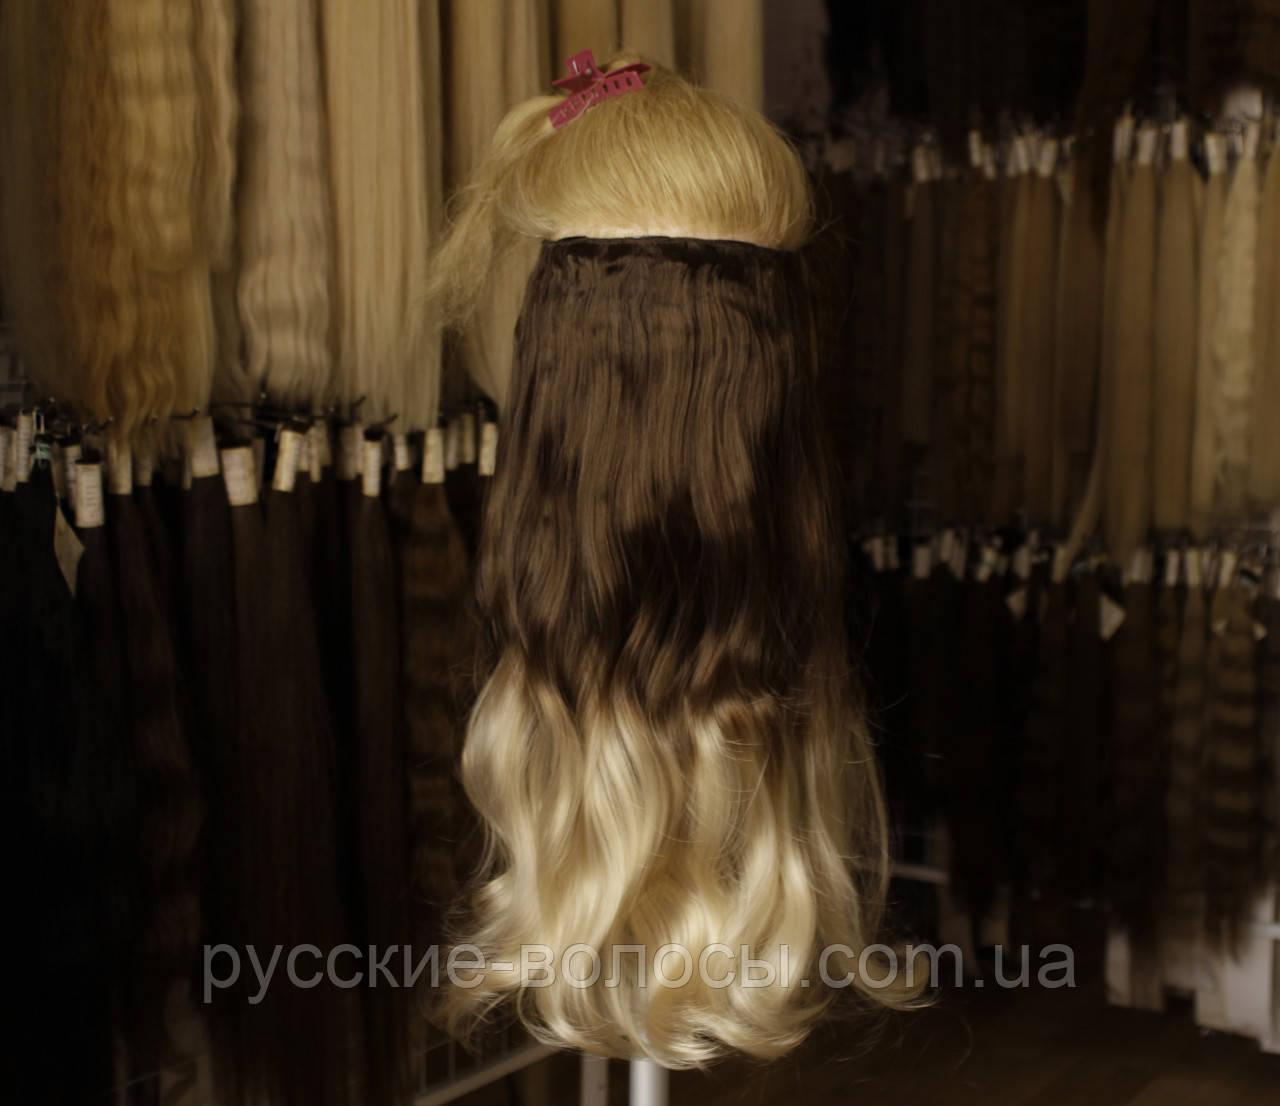 Прически с нарощенными волосами: стрижки и укладки для